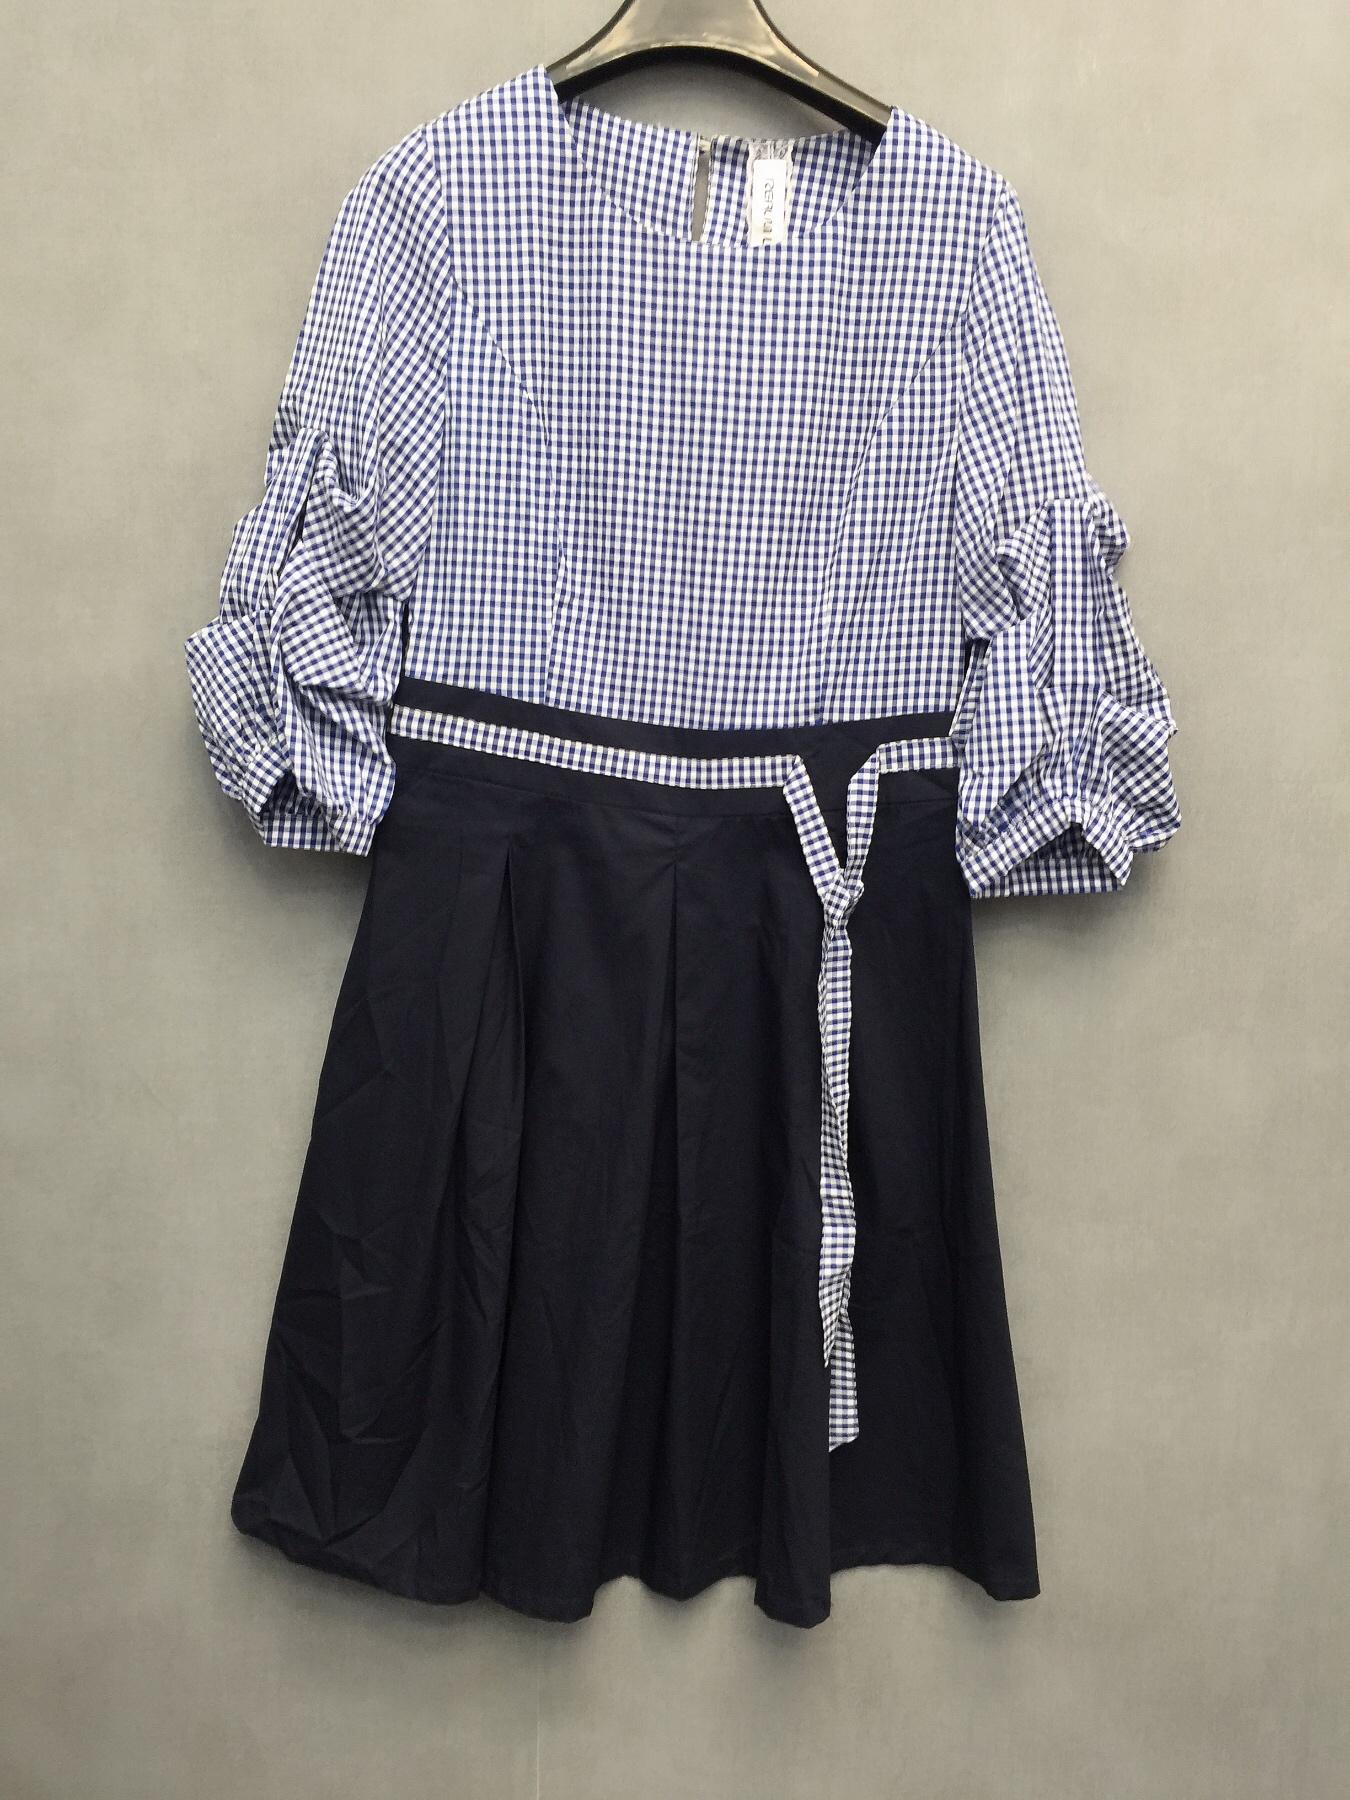 KM秋季新款女装短袖收腰气质中长款职业连衣裙8